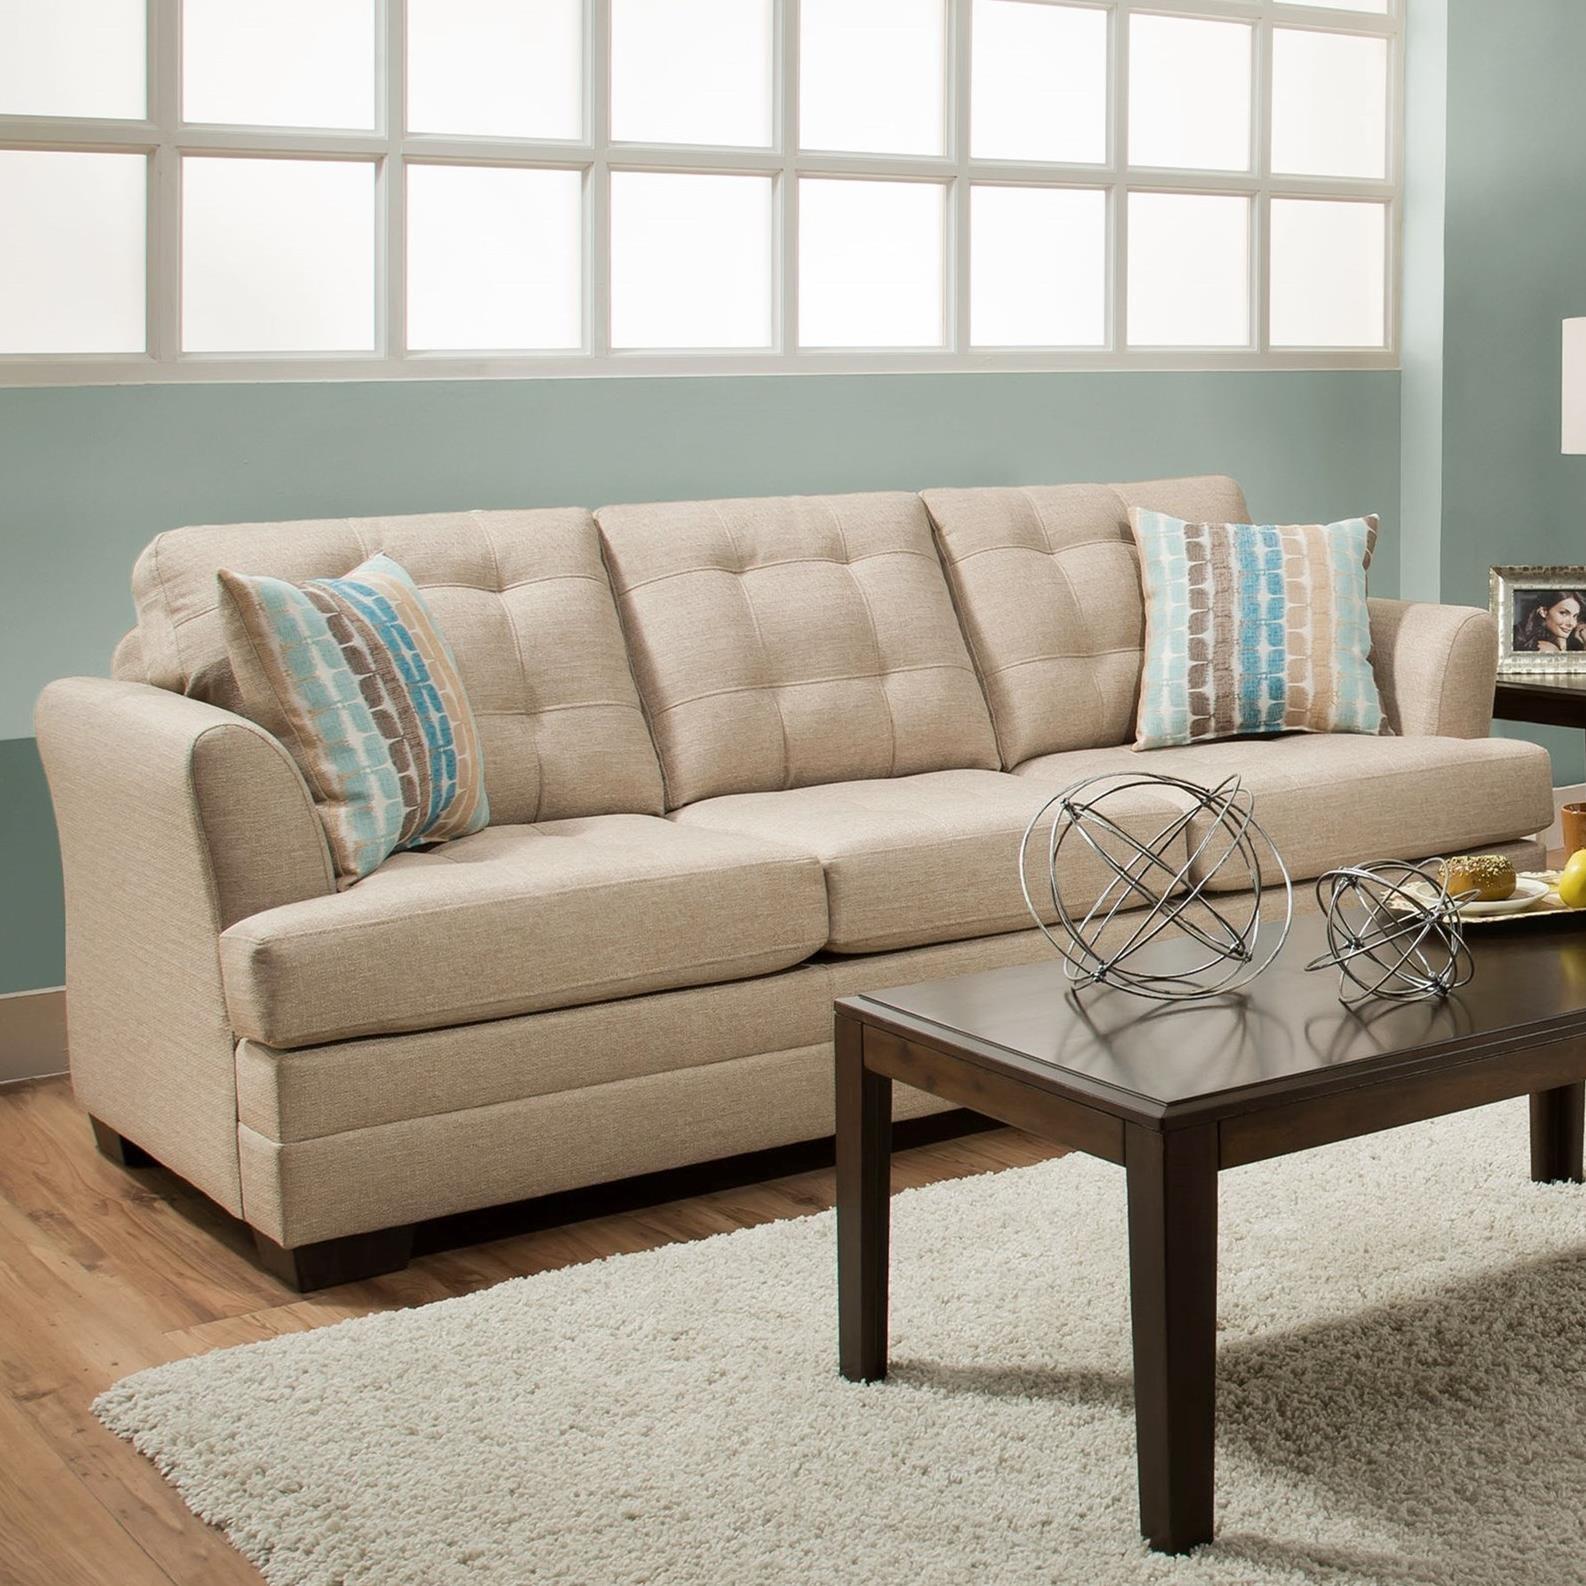 United Furniture Industries 2057 Sofa - Item Number: 2057 Sofa Tan